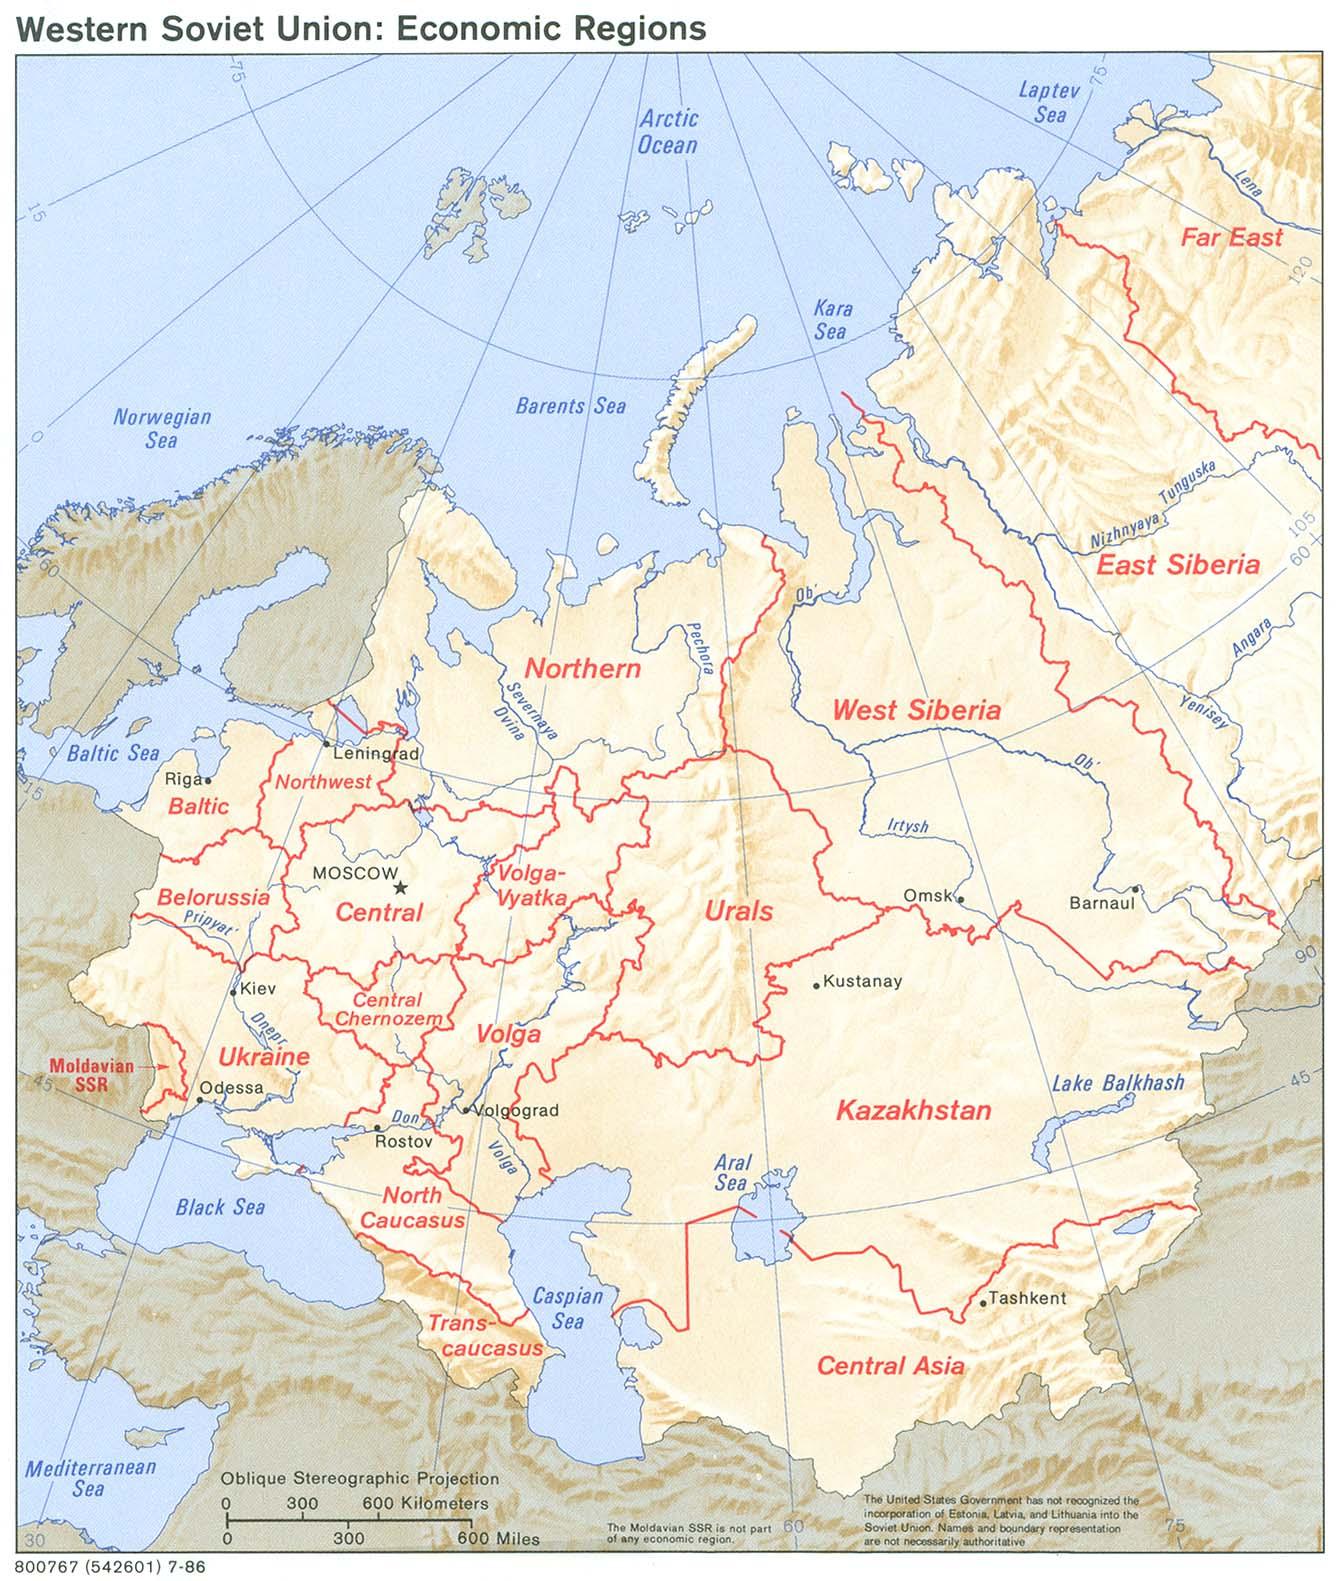 Mapa de las Regiones Económica Occidentales en la ex Unión Soviética